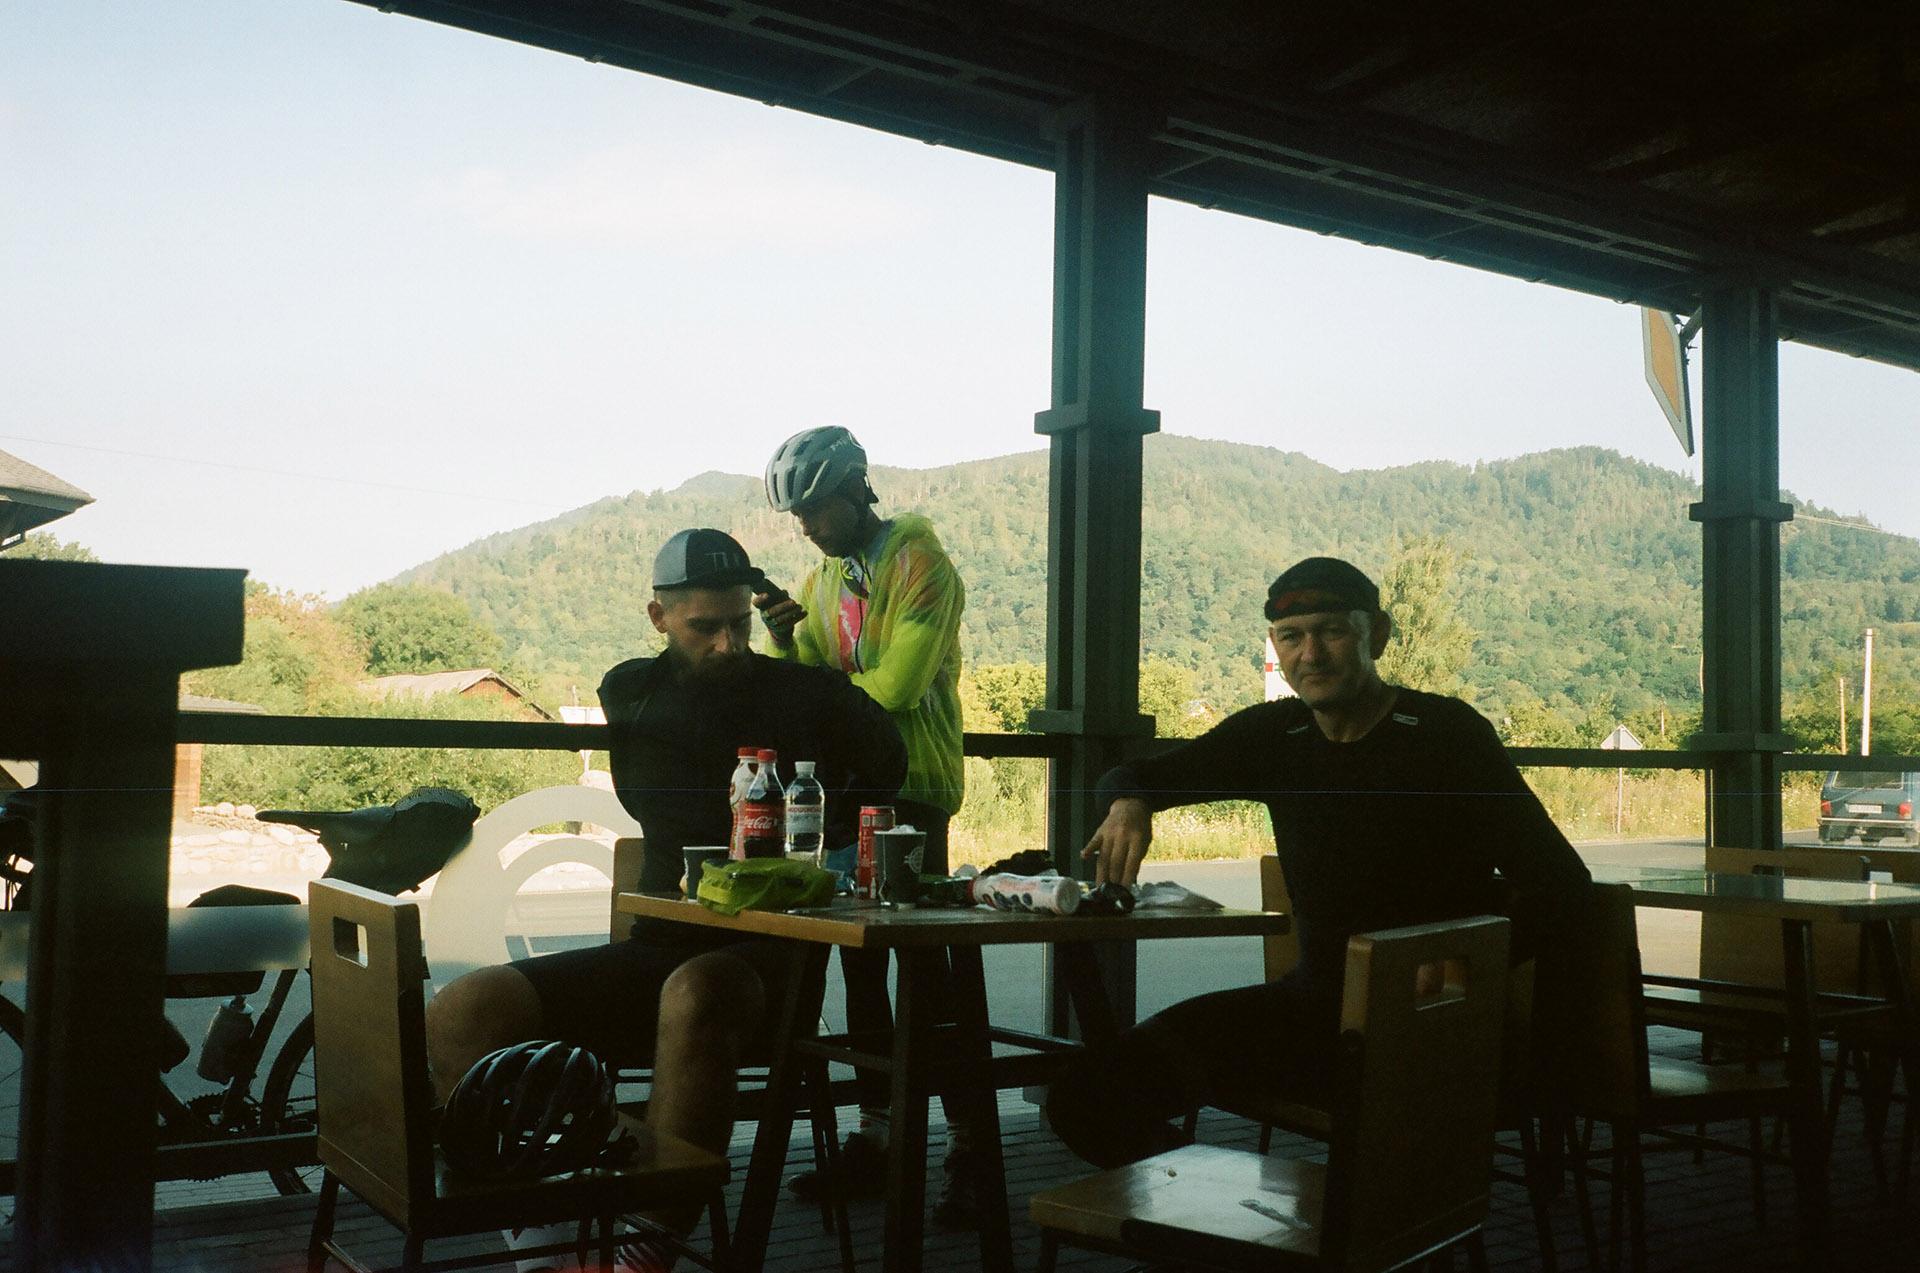 Група людей, які сидять за столом перед вікном